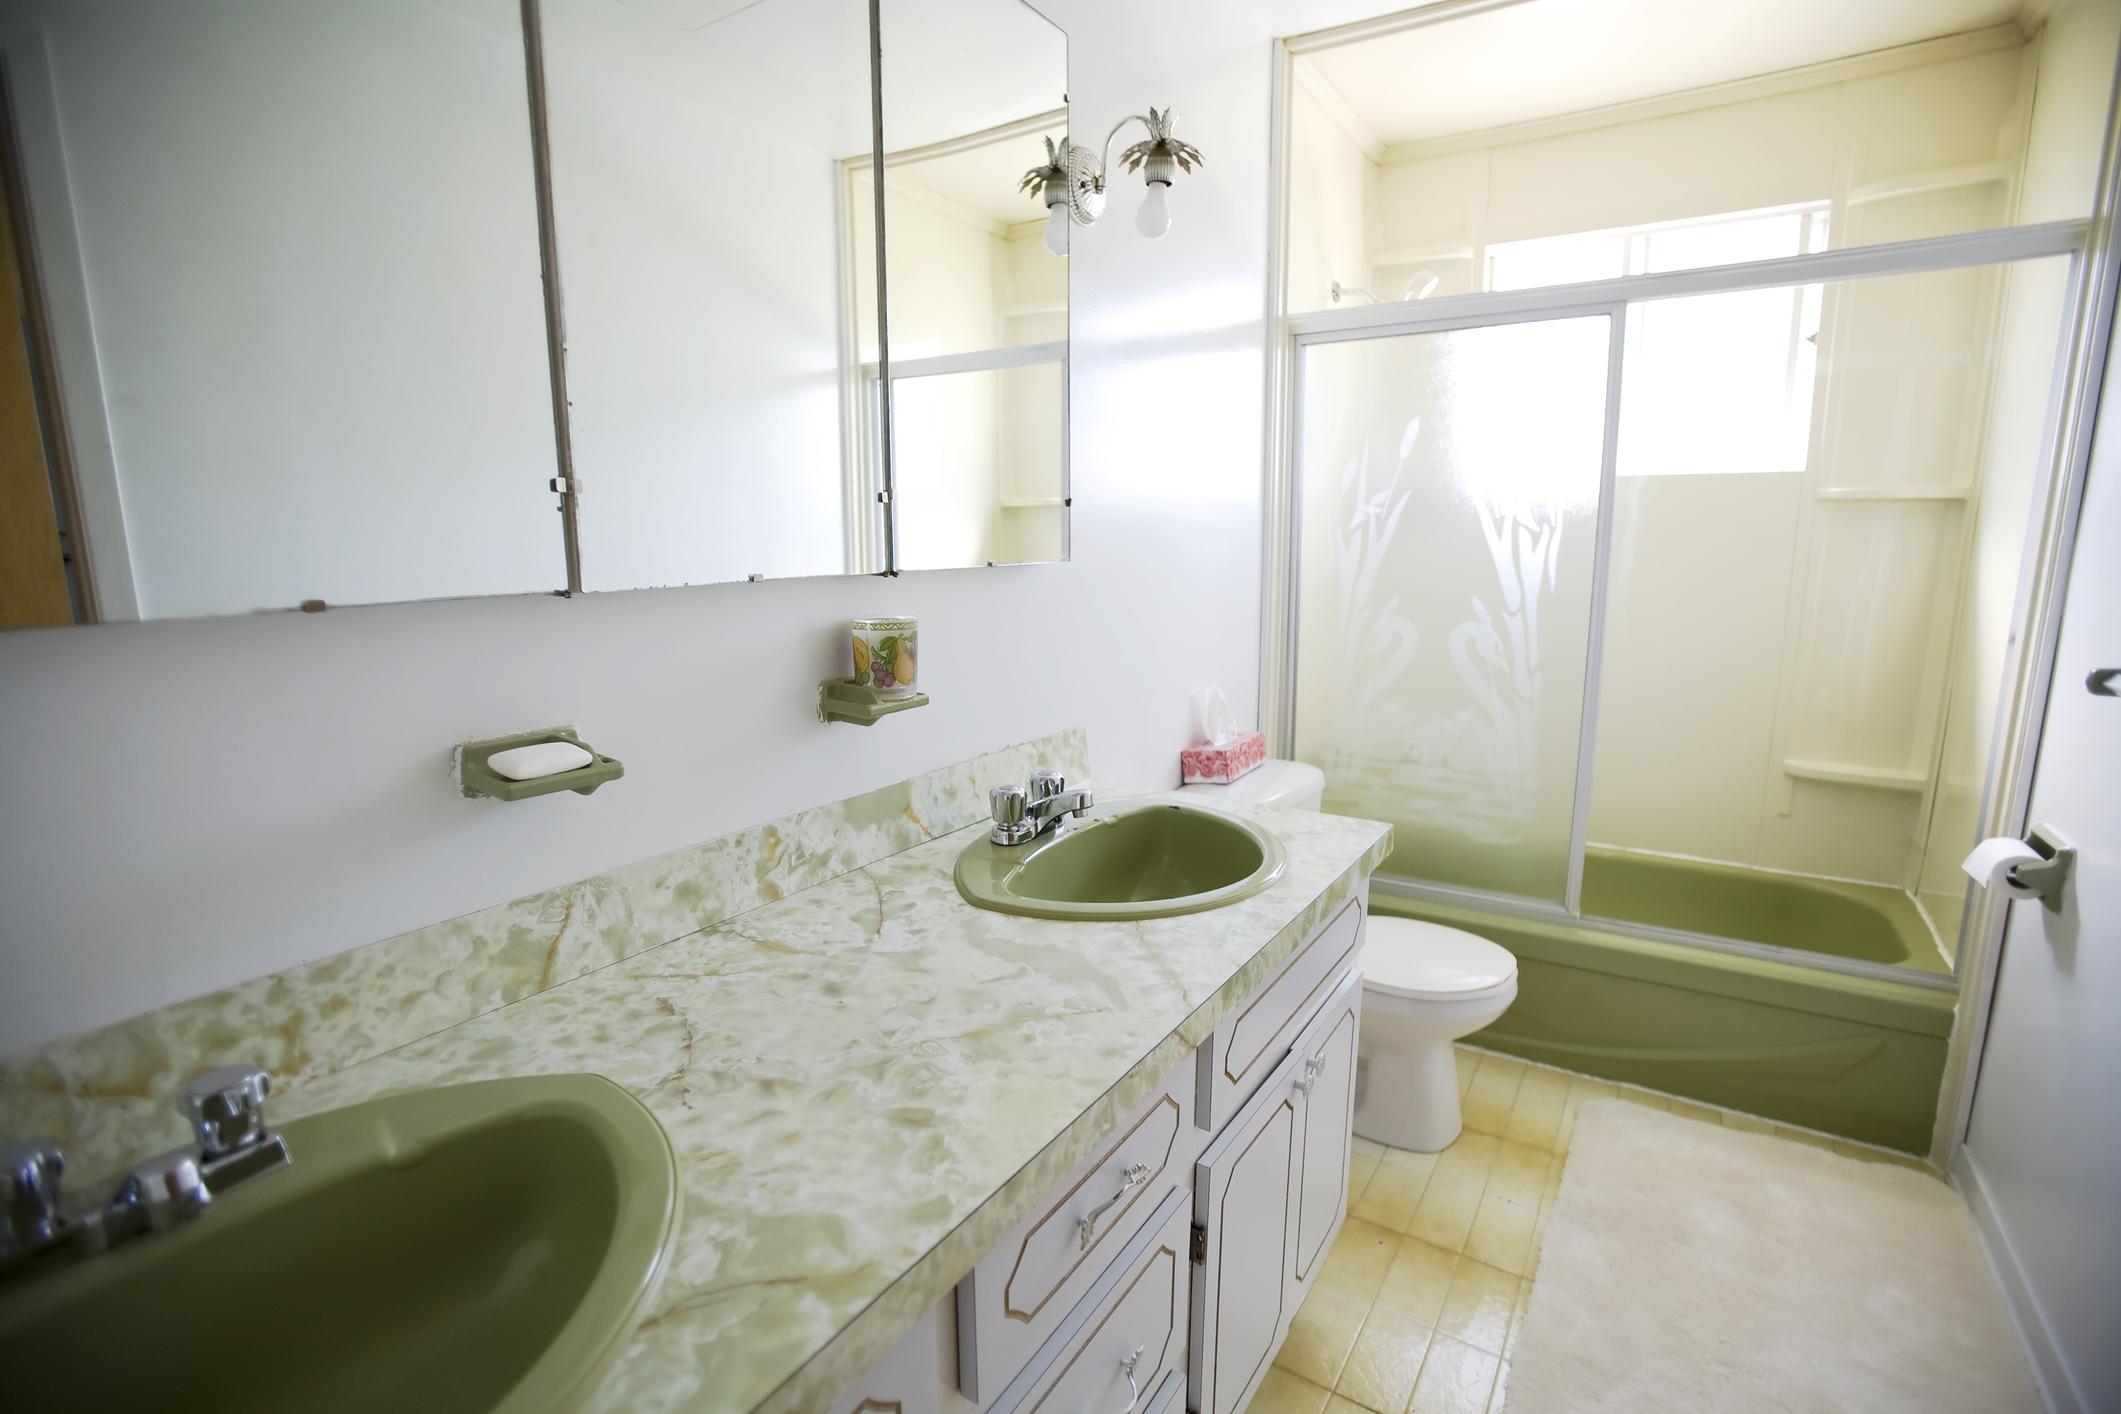 Old bathroom in need of bathroom remodel